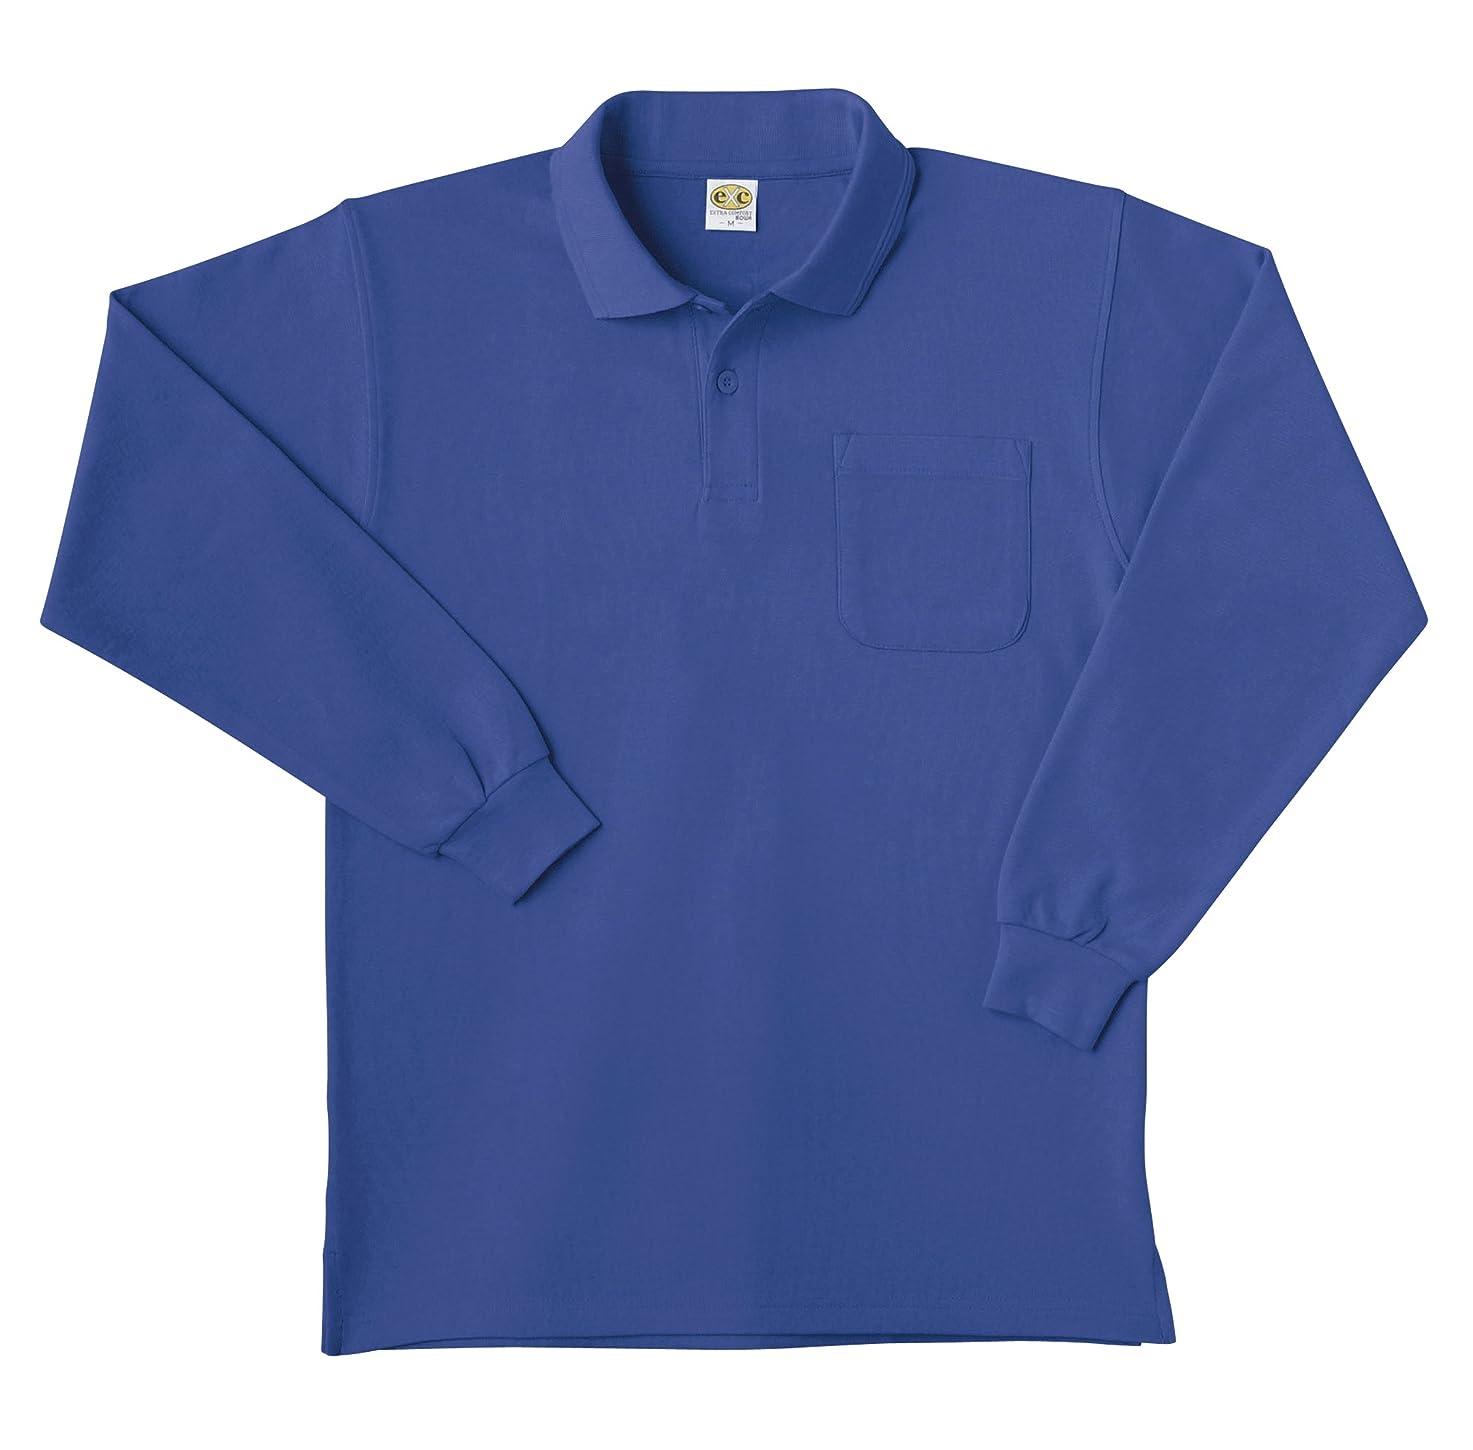 早める現在打撃SOWA(ソーワ) 長袖ポロシャツ ロイヤルブルー LLサイズ 0090